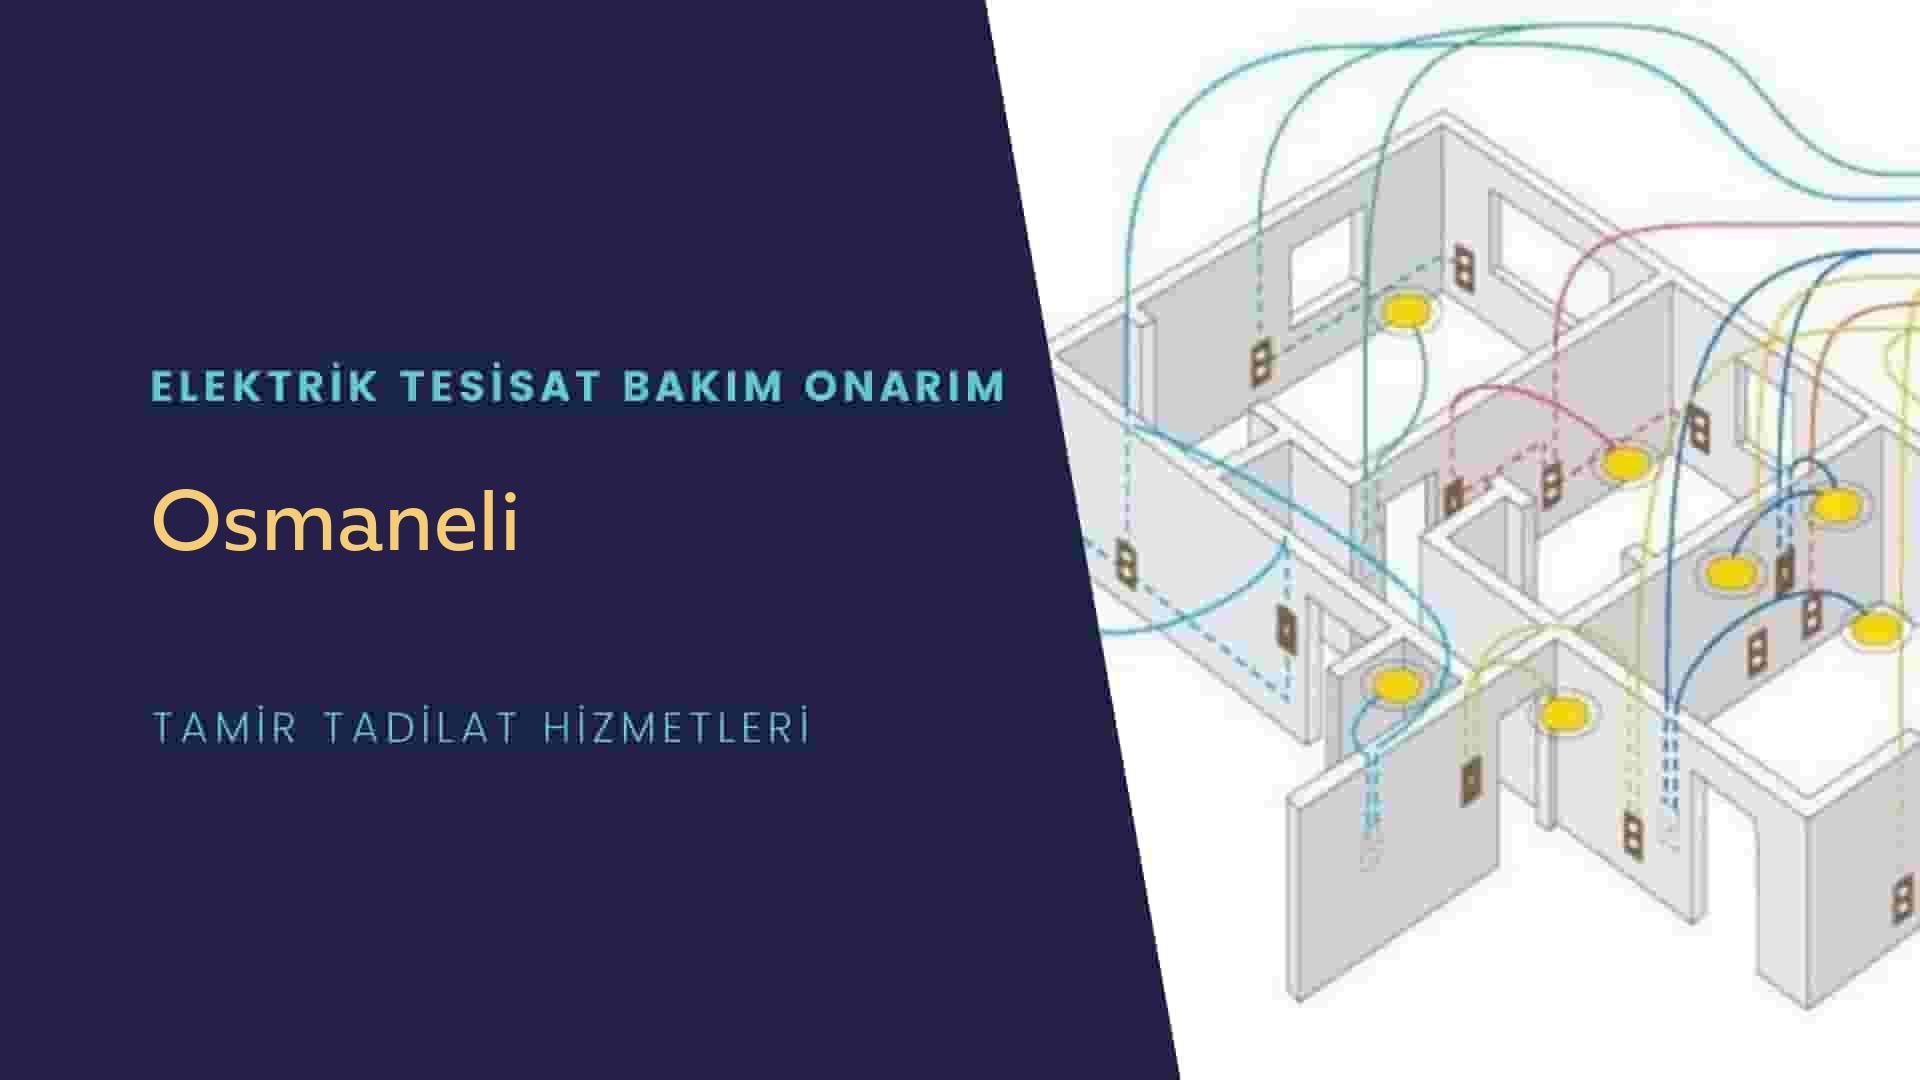 Osmaneli'de elektrik tesisatıustalarımı arıyorsunuz doğru adrestenizi Osmaneli elektrik tesisatı ustalarımız 7/24 sizlere hizmet vermekten mutluluk duyar.